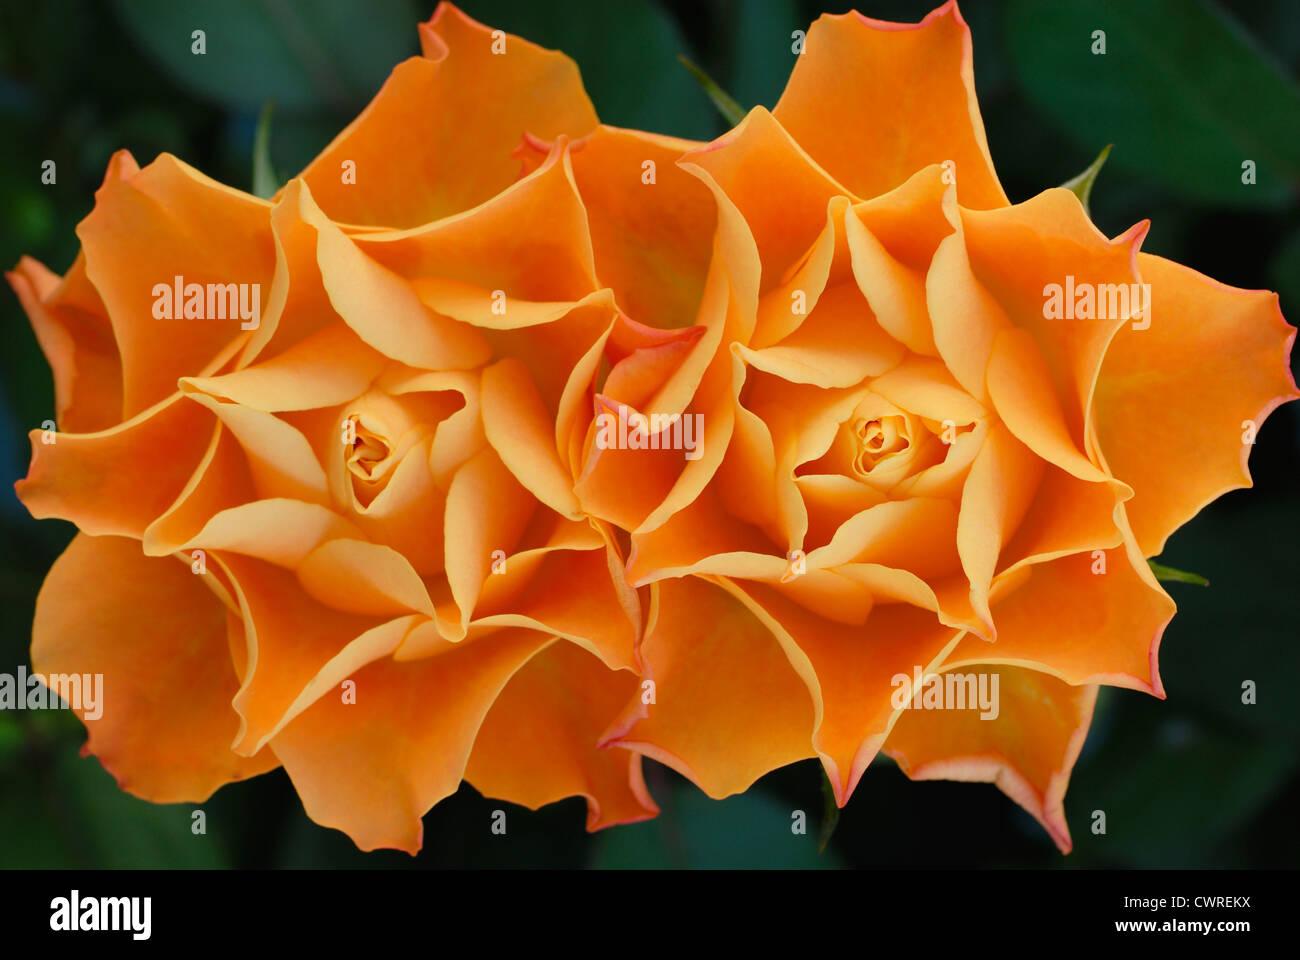 Rosa, Rose, deux fleurs de couleur orange symétrique à côté de l'autre de toucher sur un Photo Stock